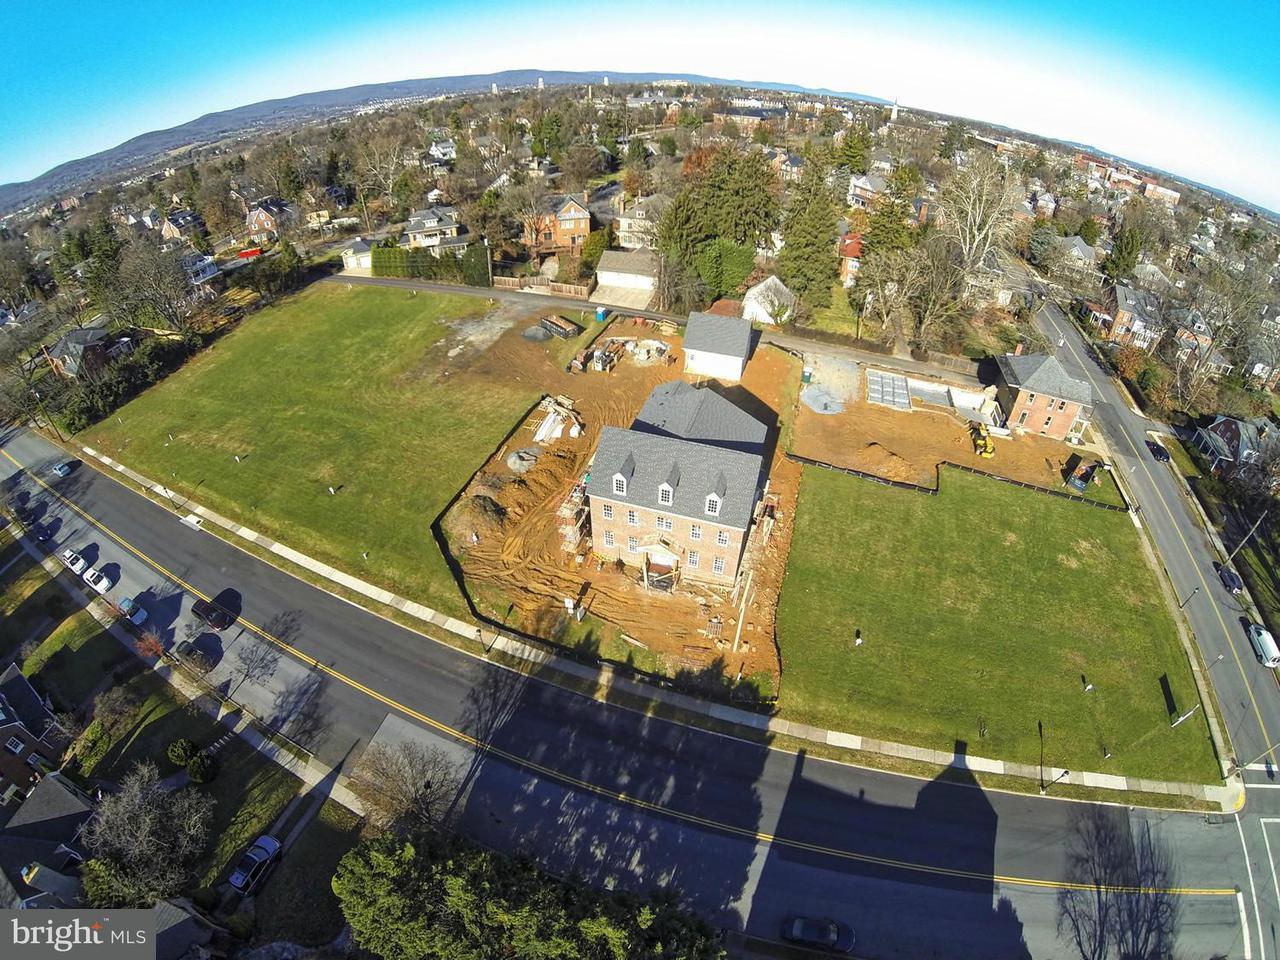 Terreno por un Venta en 401 W 2nd Street 401 W 2nd Street Frederick, Maryland 21701 Estados Unidos